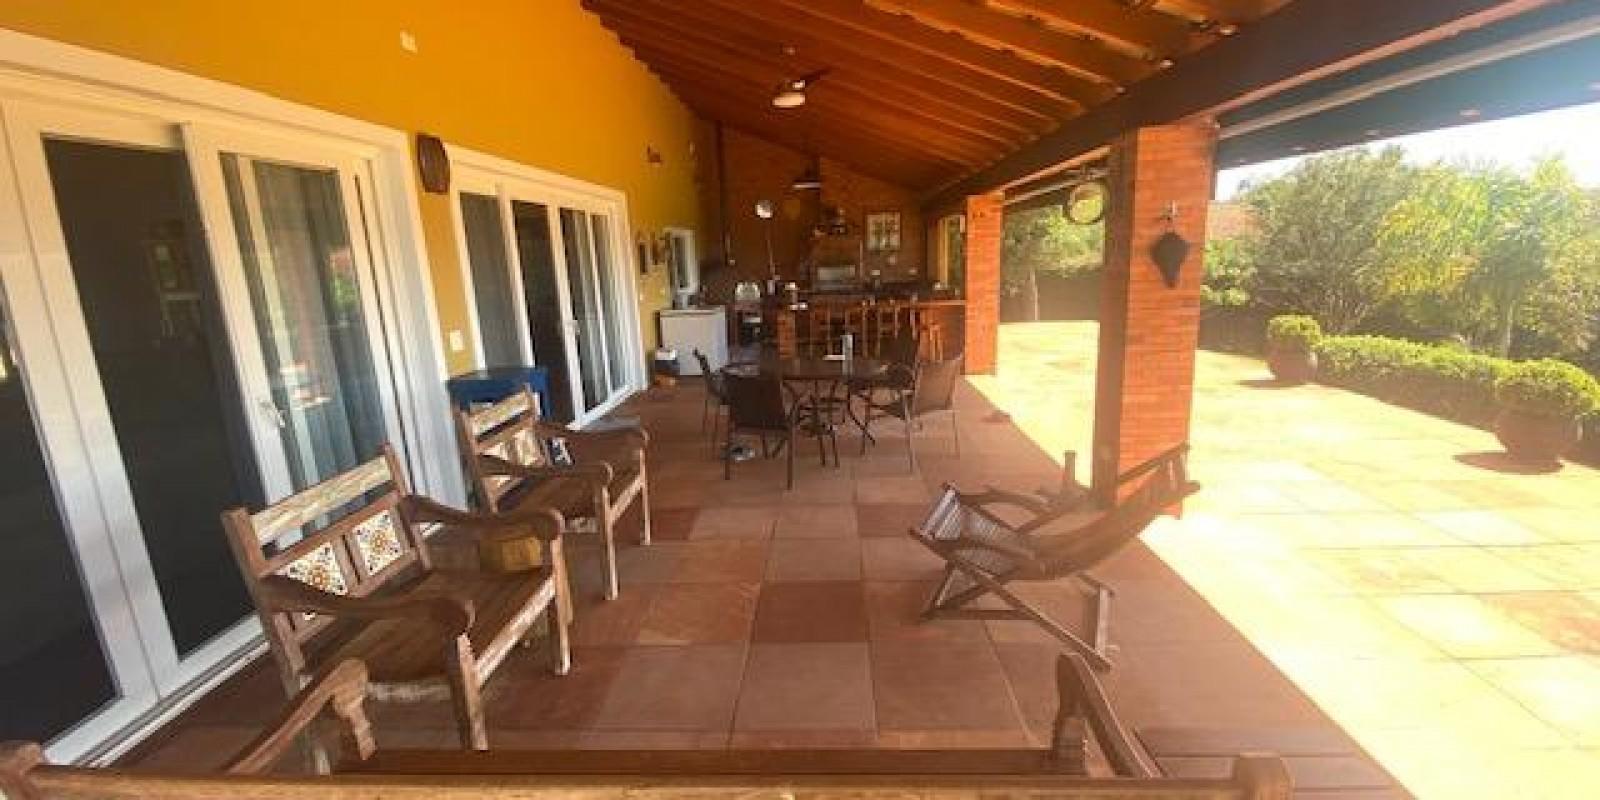 Casa na Represa no Condomínio Parque Náutico em Avaré SP  - Foto 17 de 57